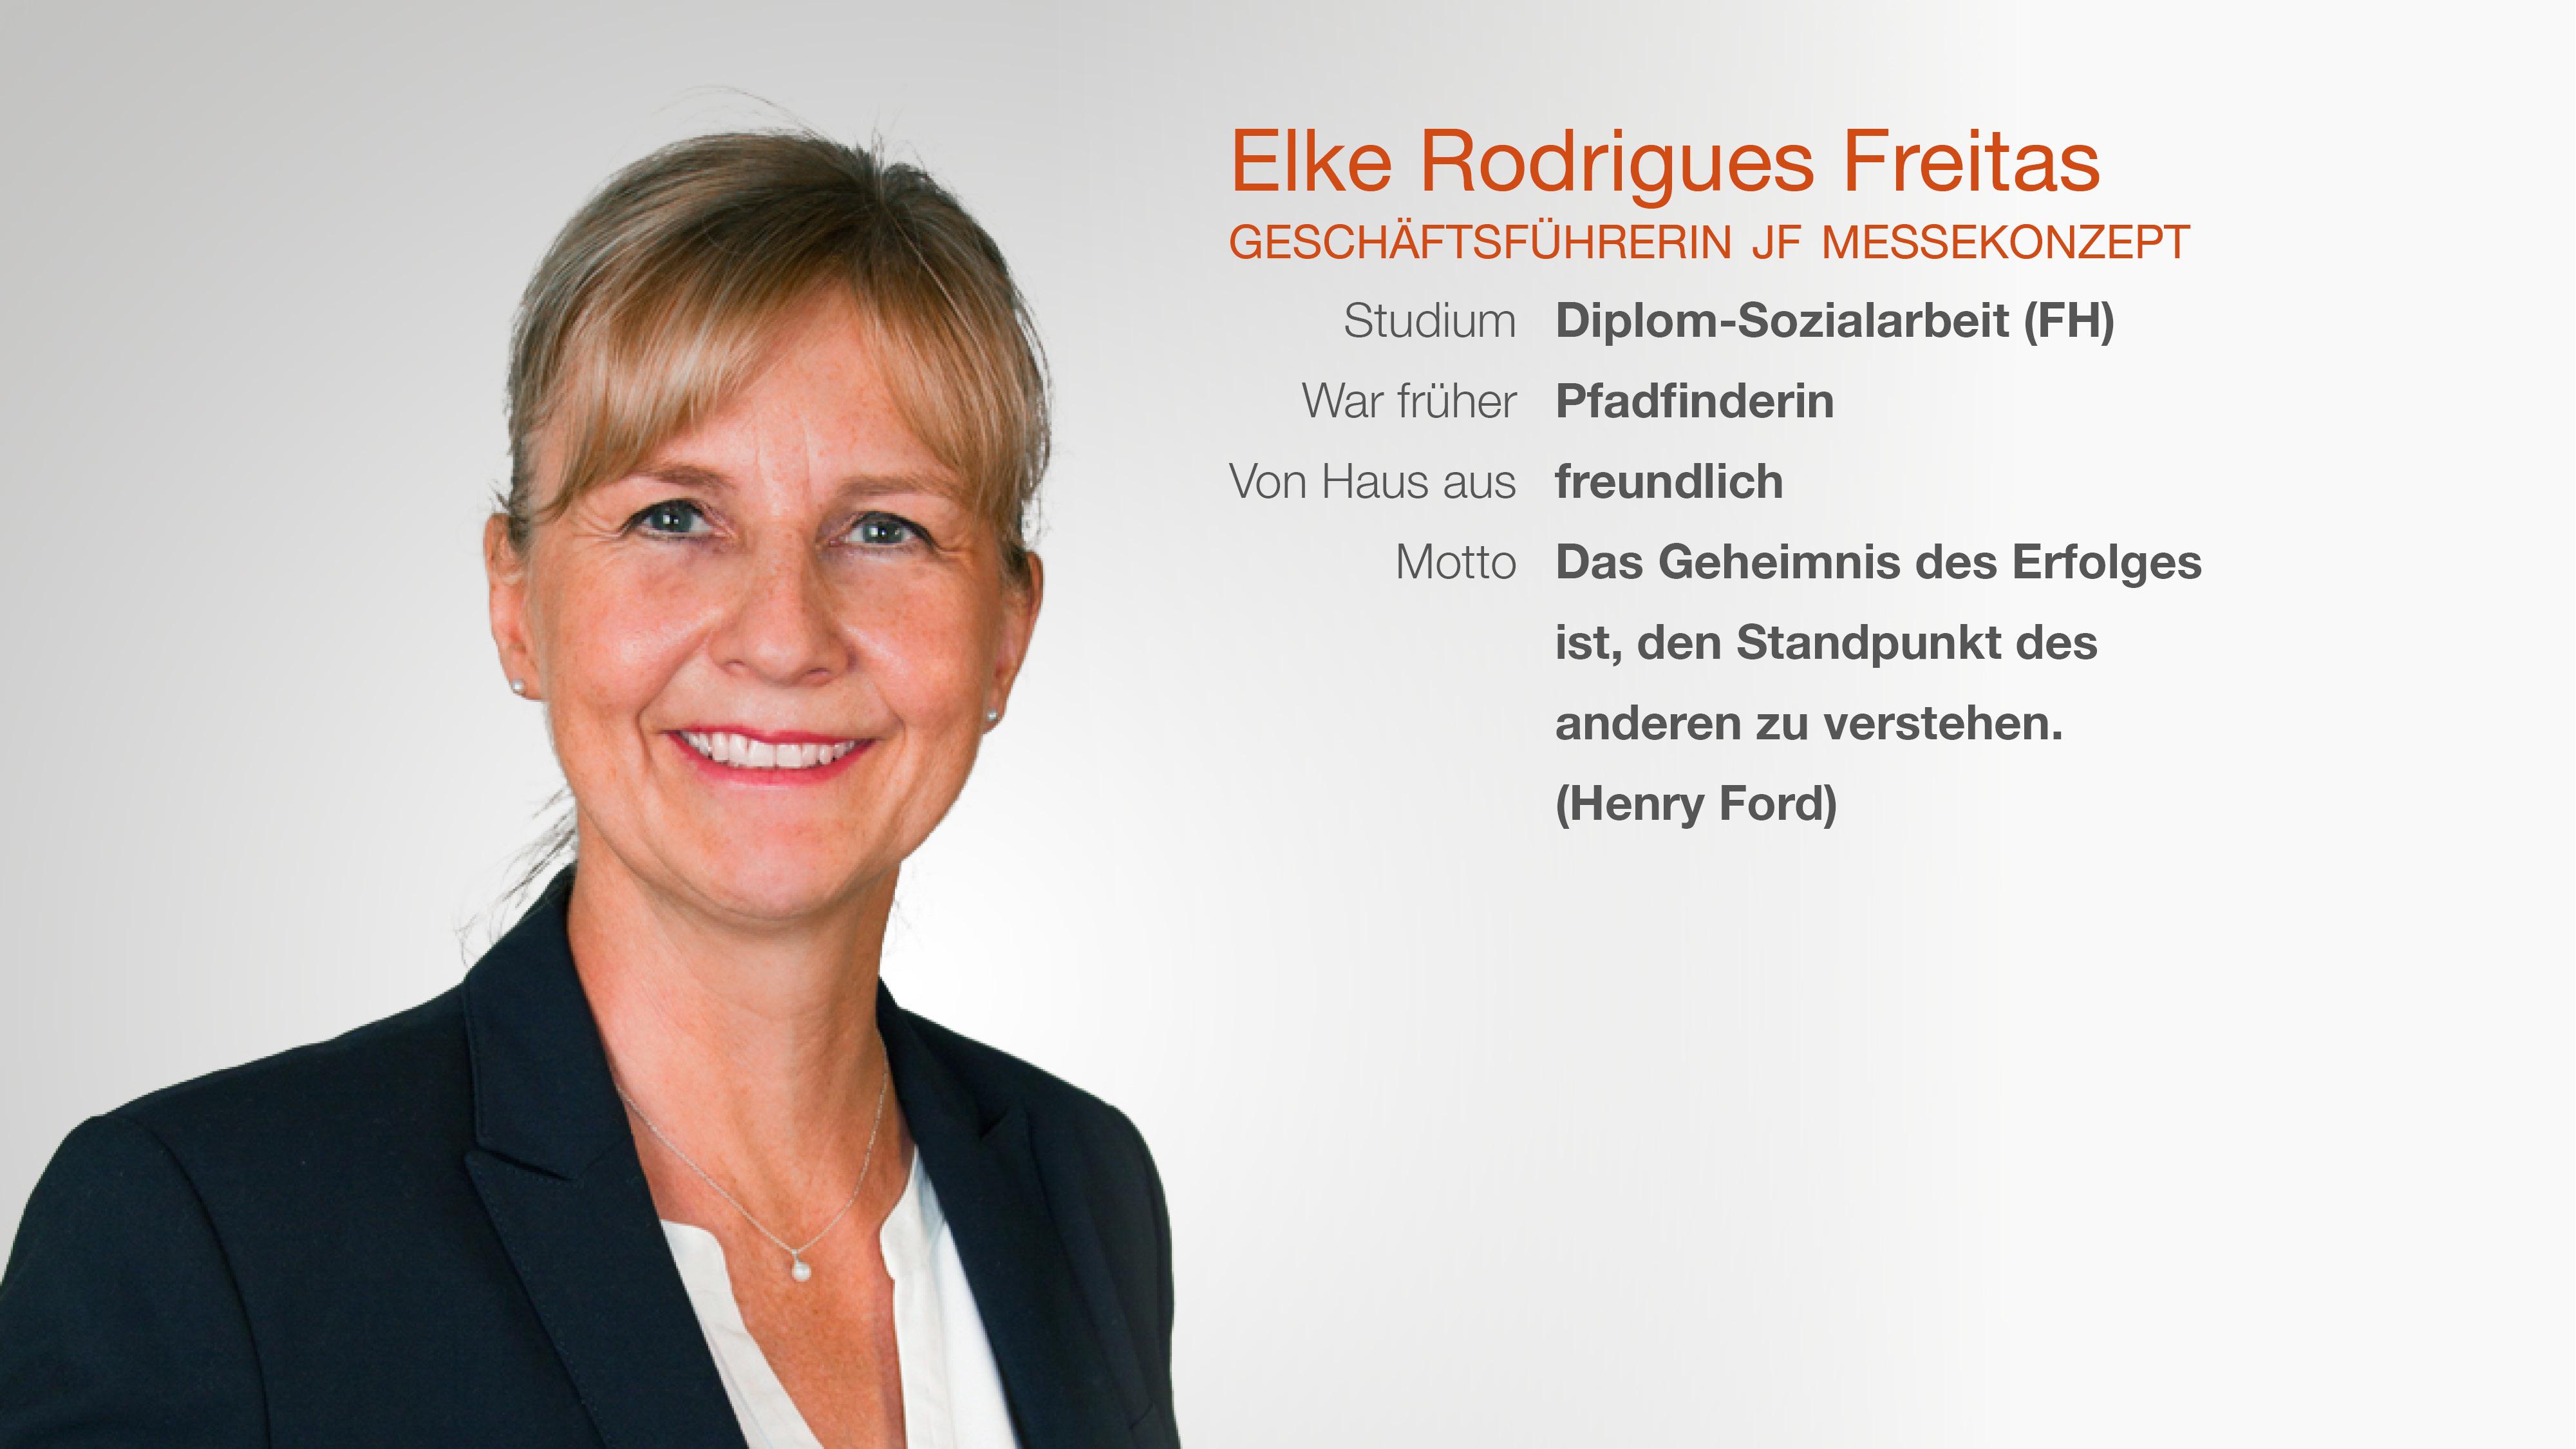 JF-Messekonzept-Homepageportraits-ElkeFreitas